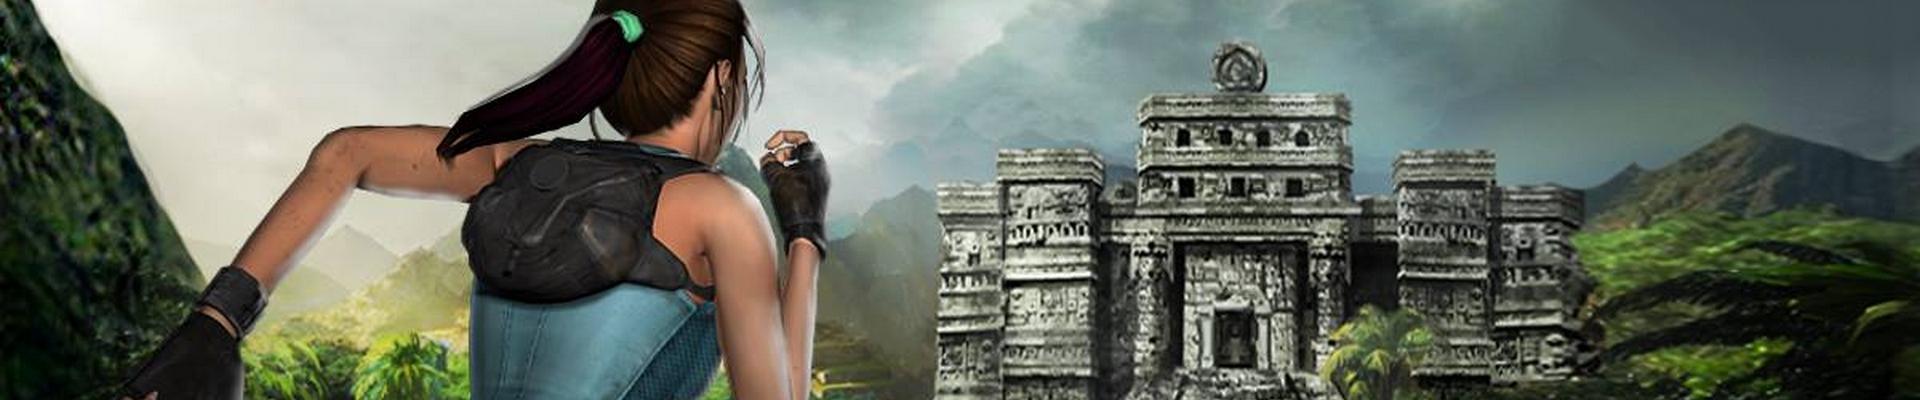 Image de l'article LCR – Lara Croft: Reflections est dévoilé